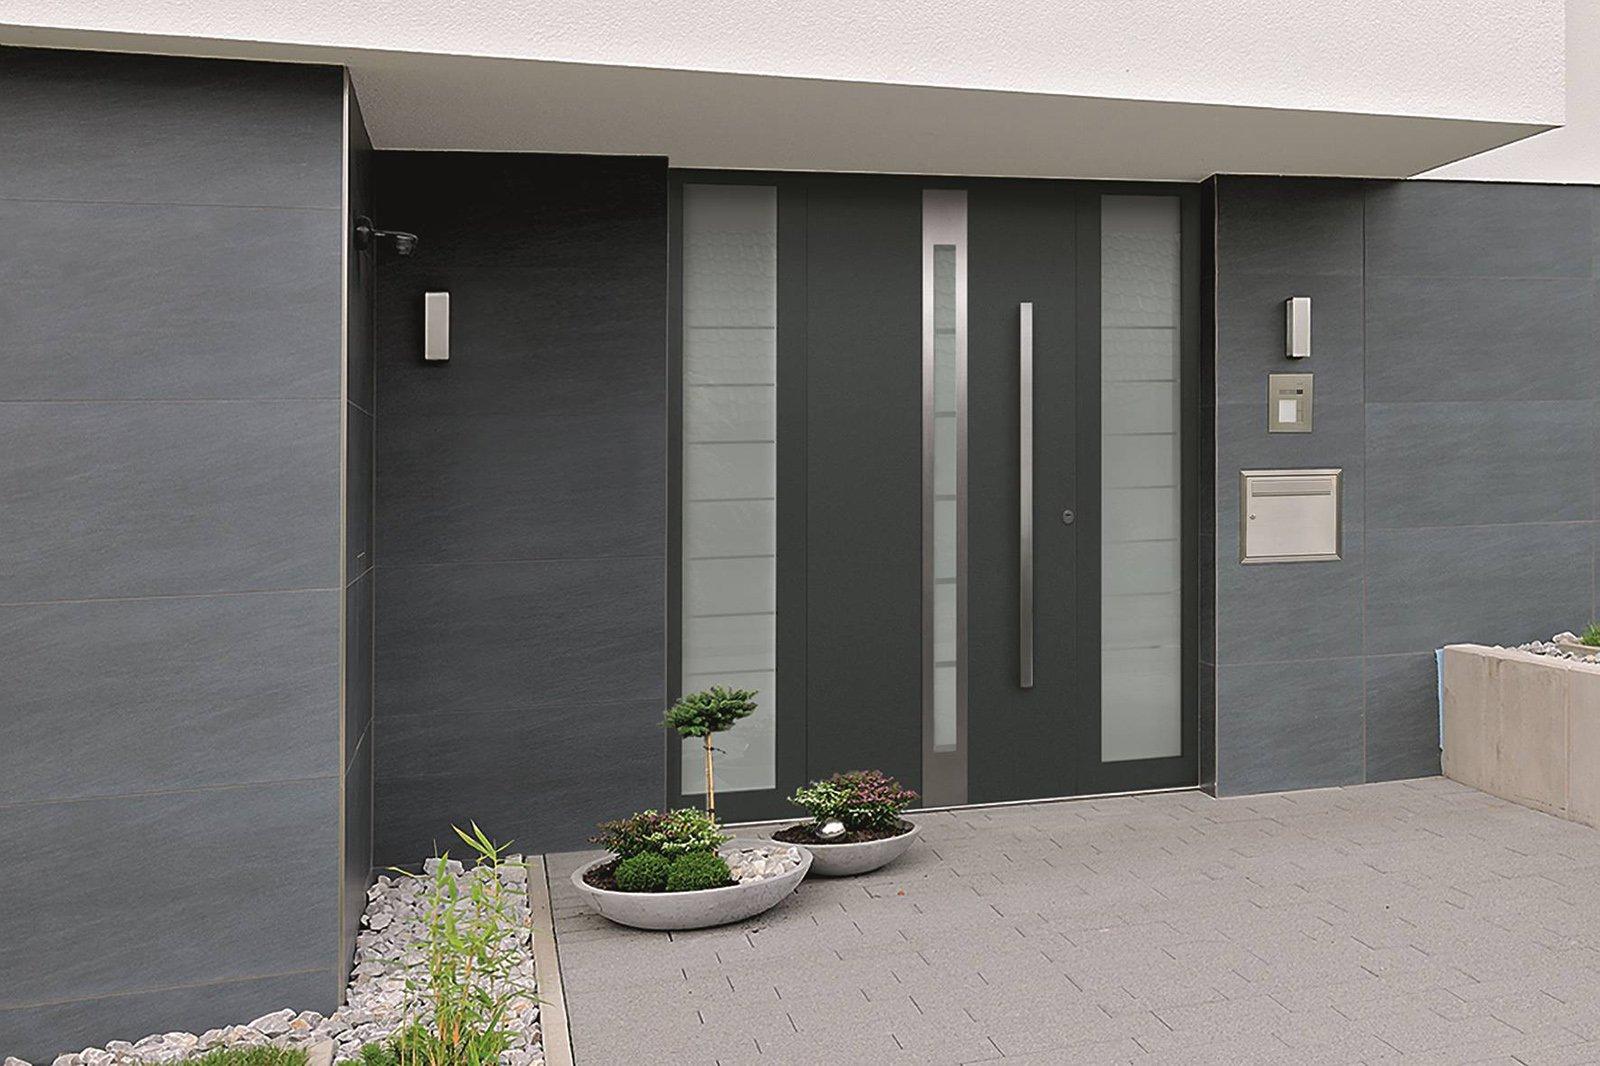 Porte e finestre di sicurezza casa protetta anche durante for Finestre e porte moderne